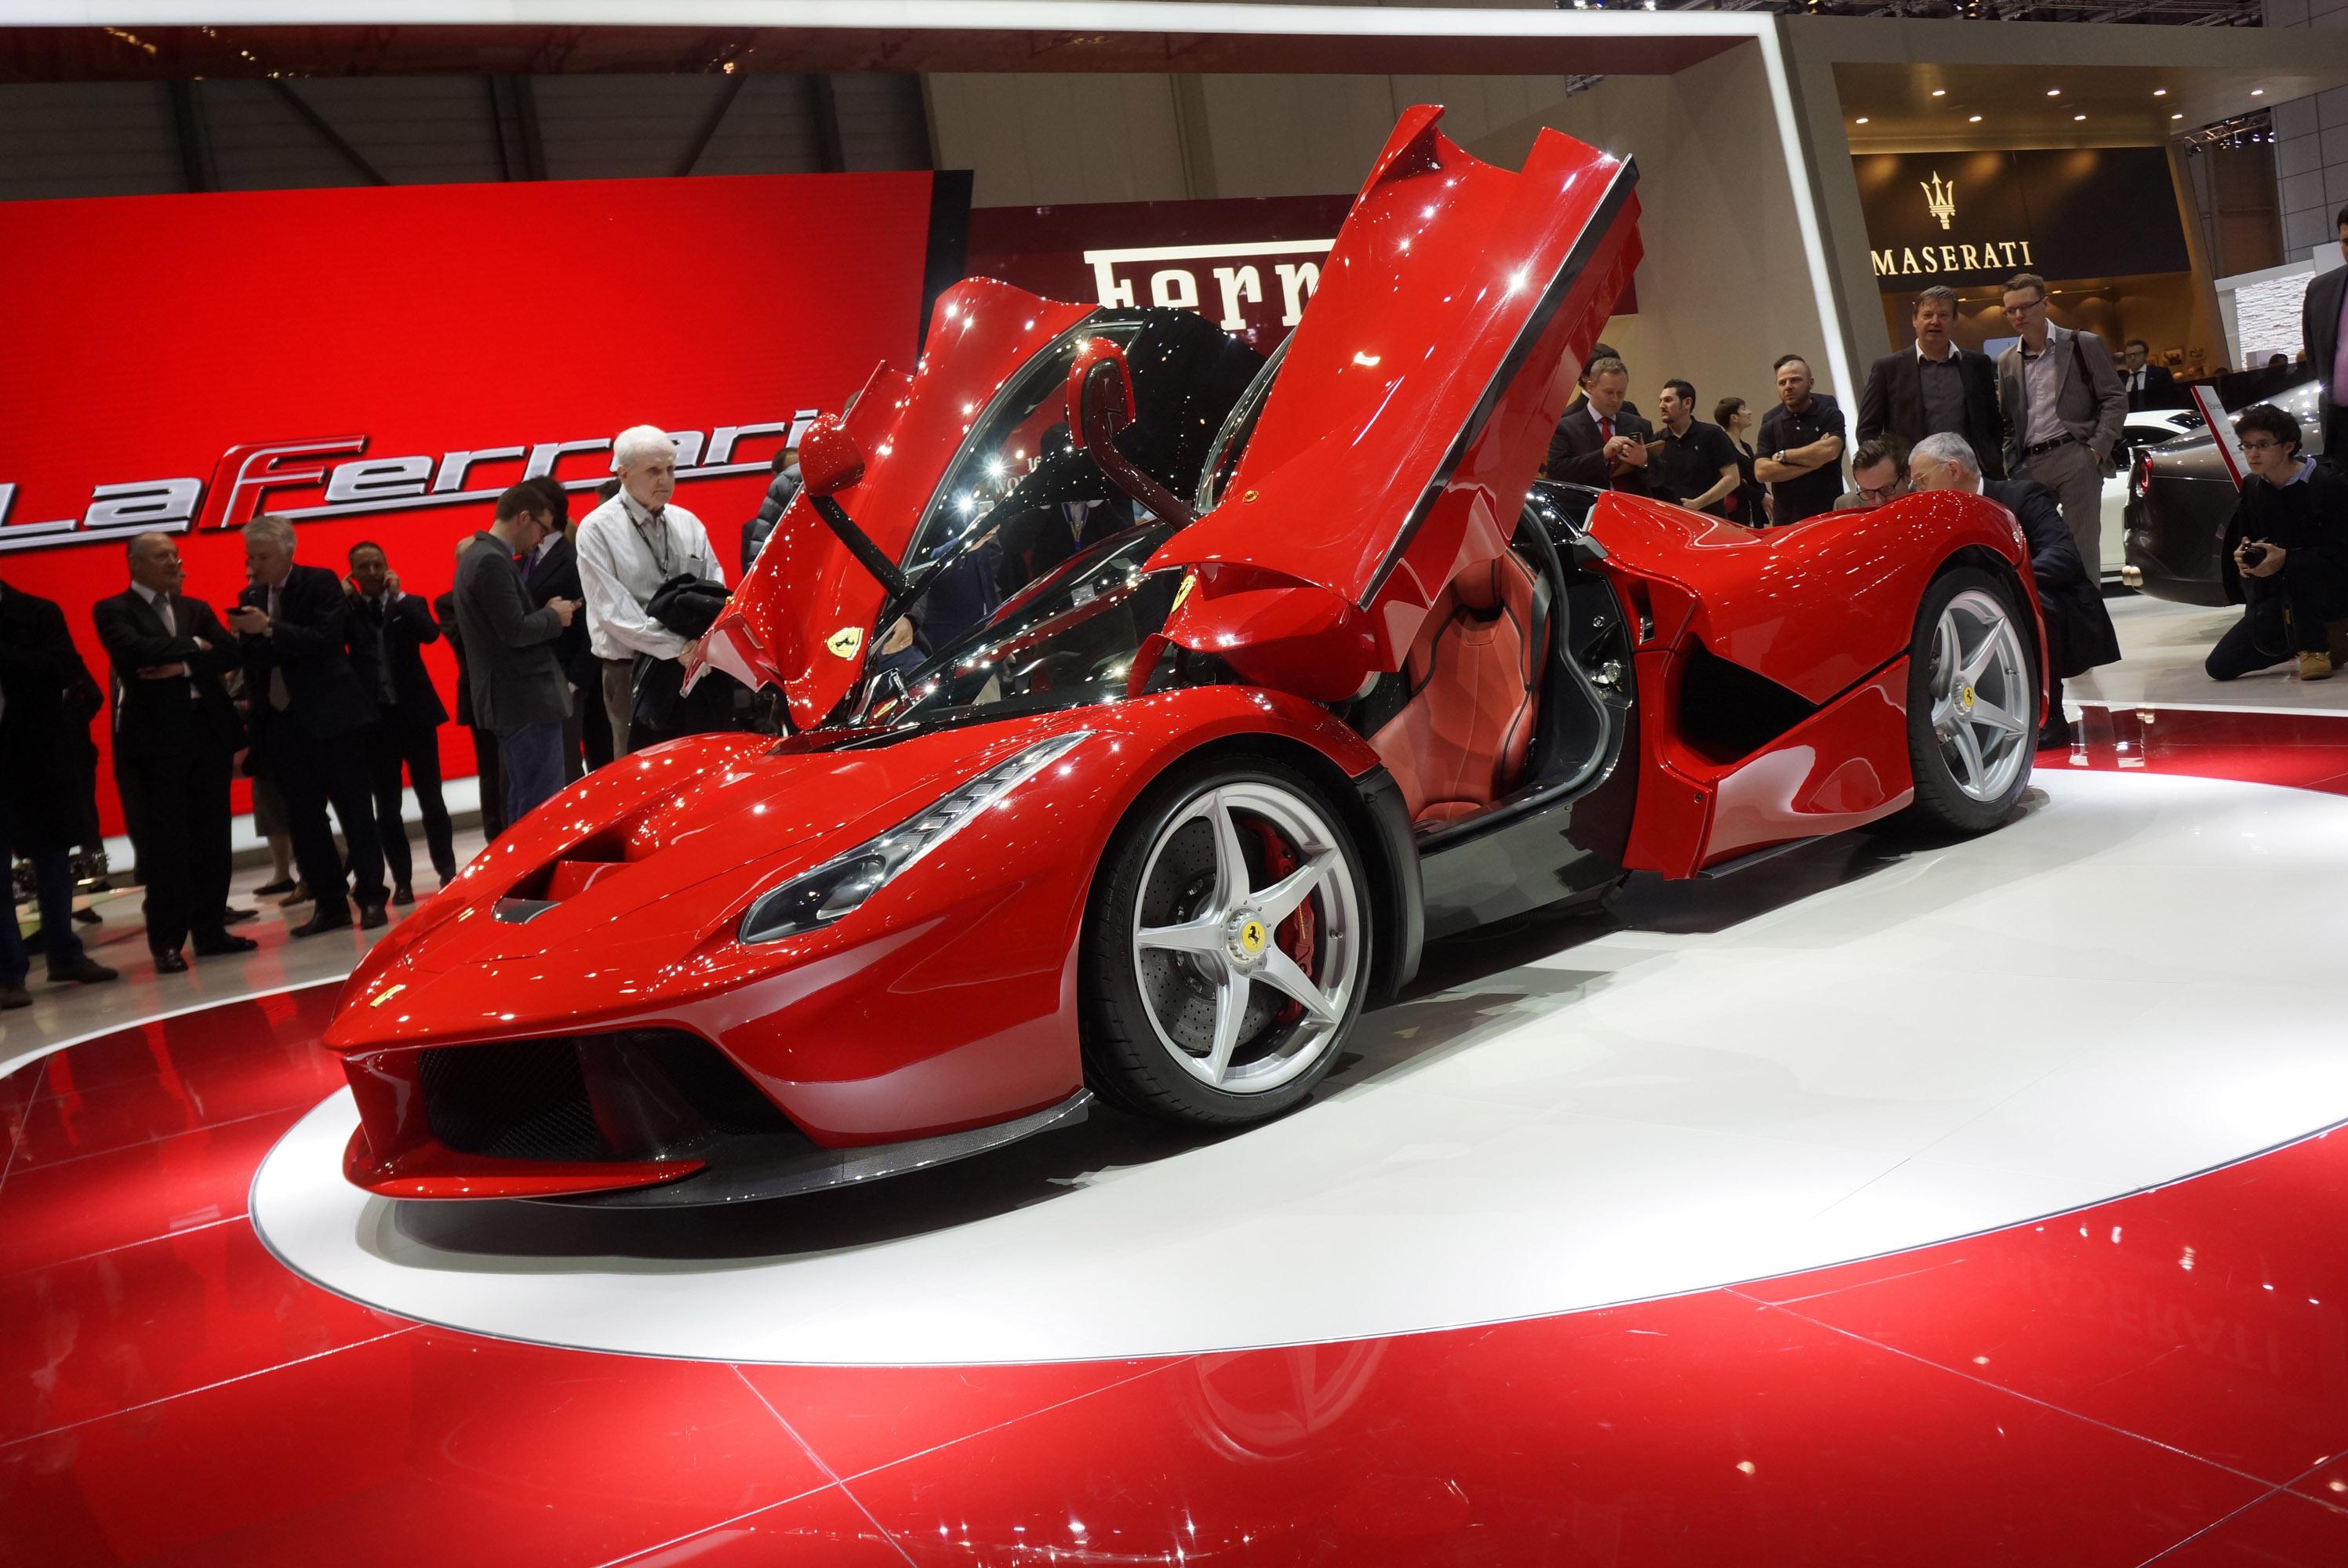 LaFerrari - Price $1,700,000